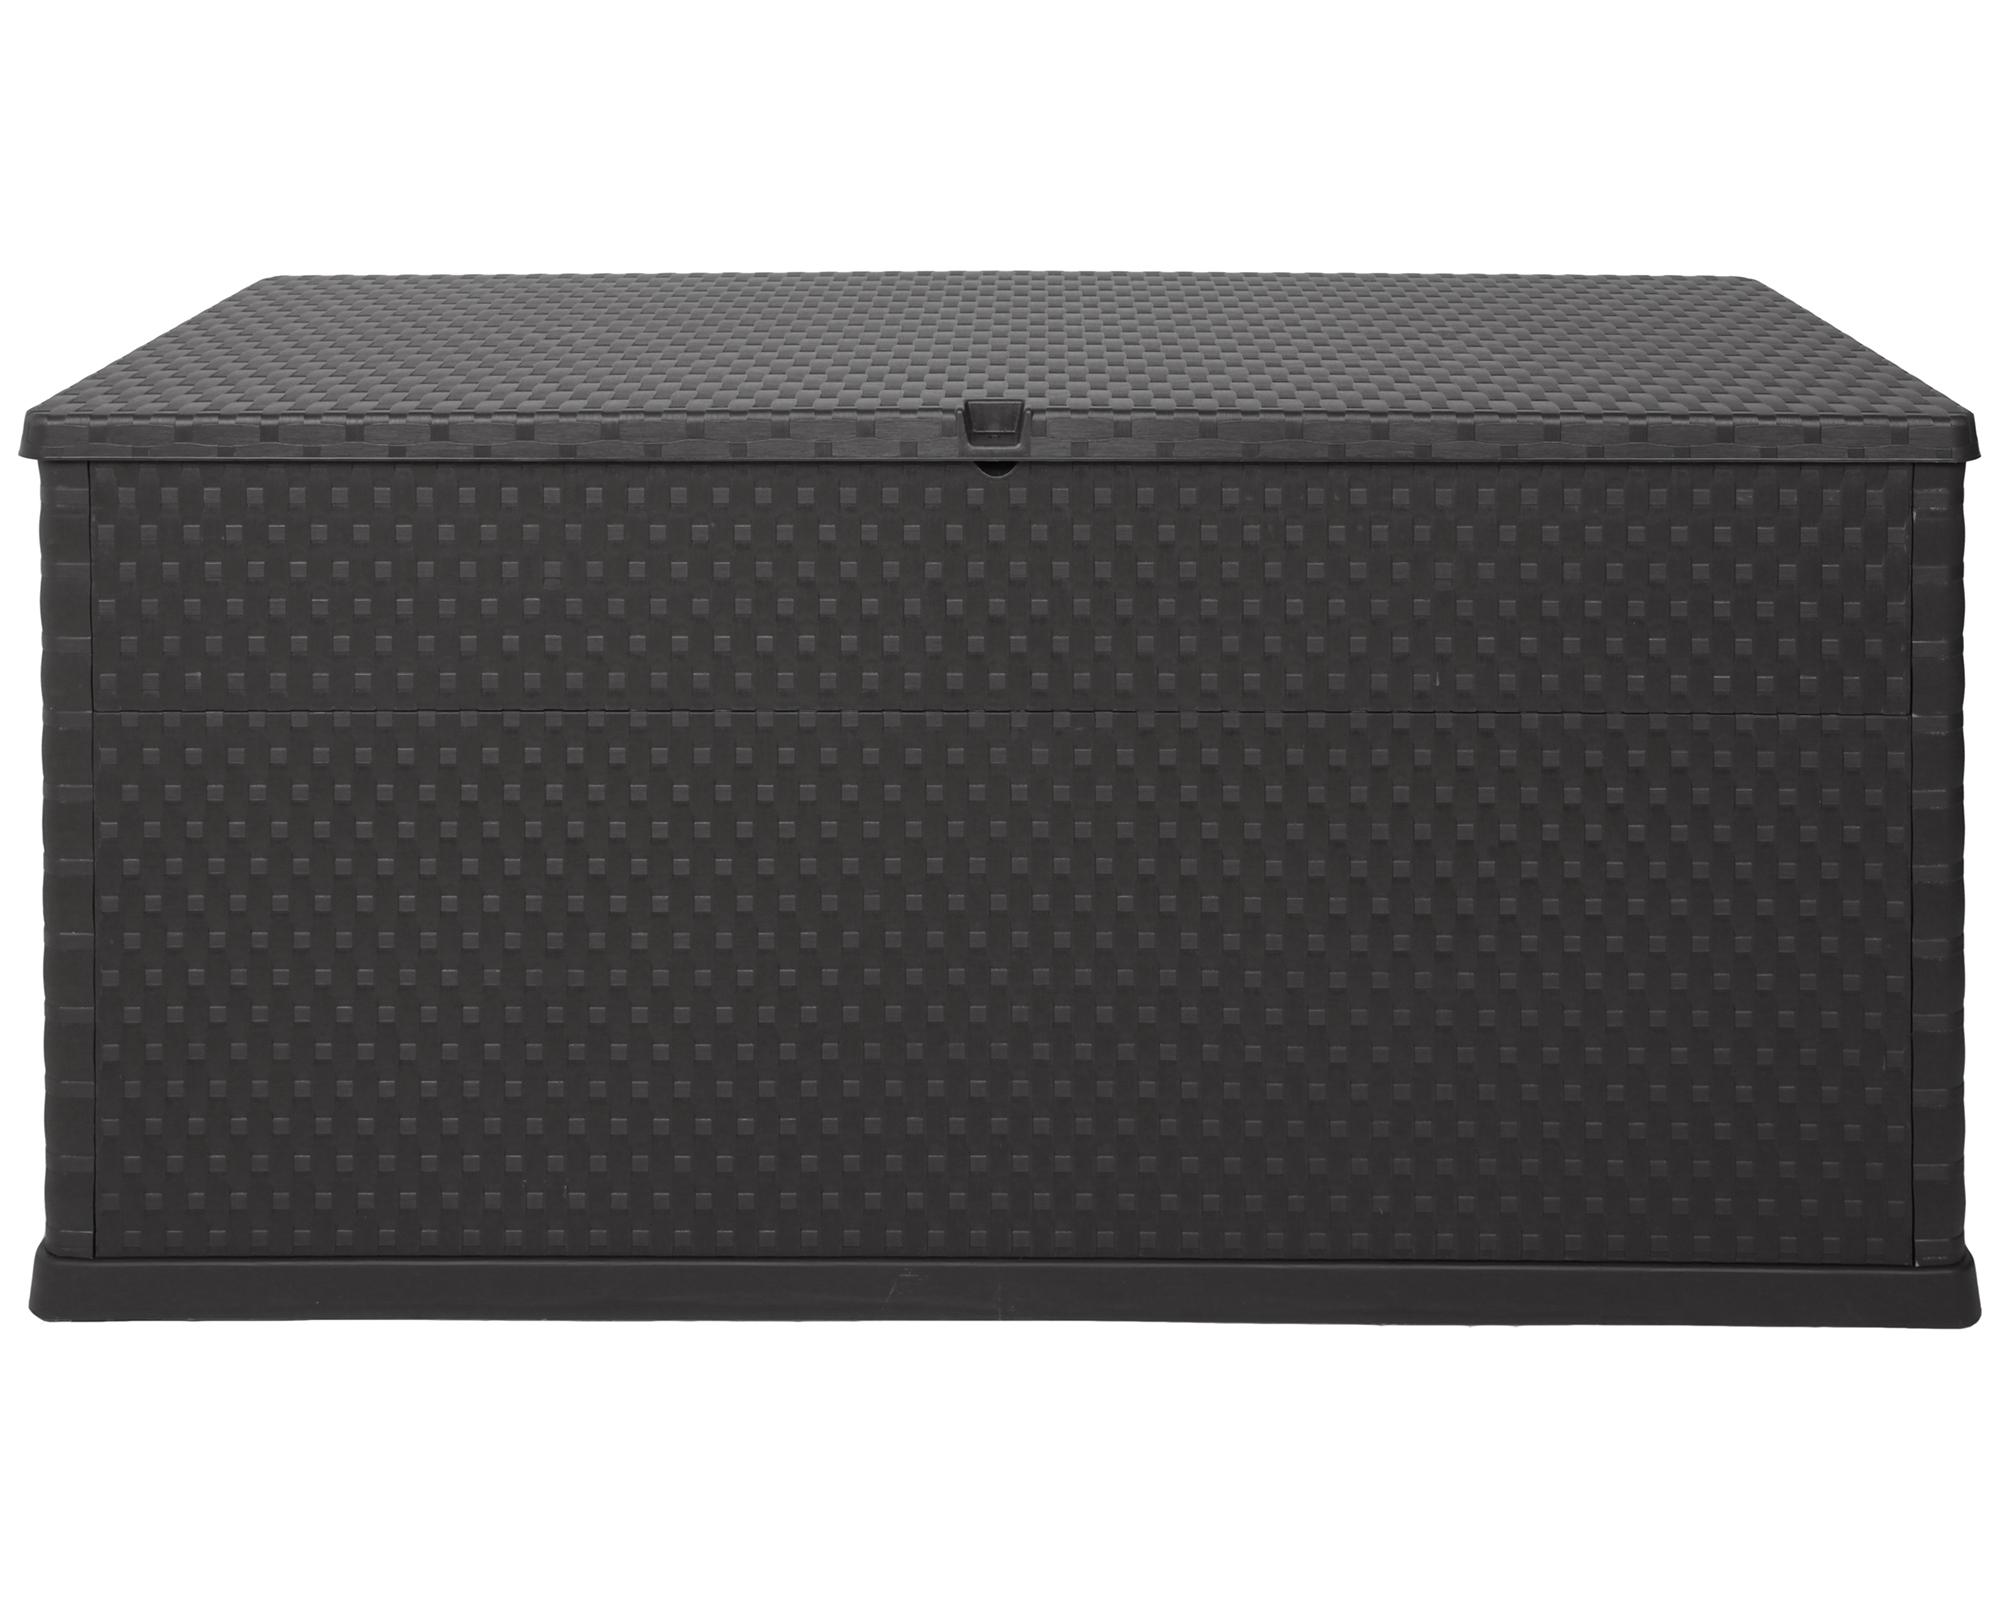 ondis24 kissenbox auflagenbox rattan anthrazit g nstig online kaufen. Black Bedroom Furniture Sets. Home Design Ideas